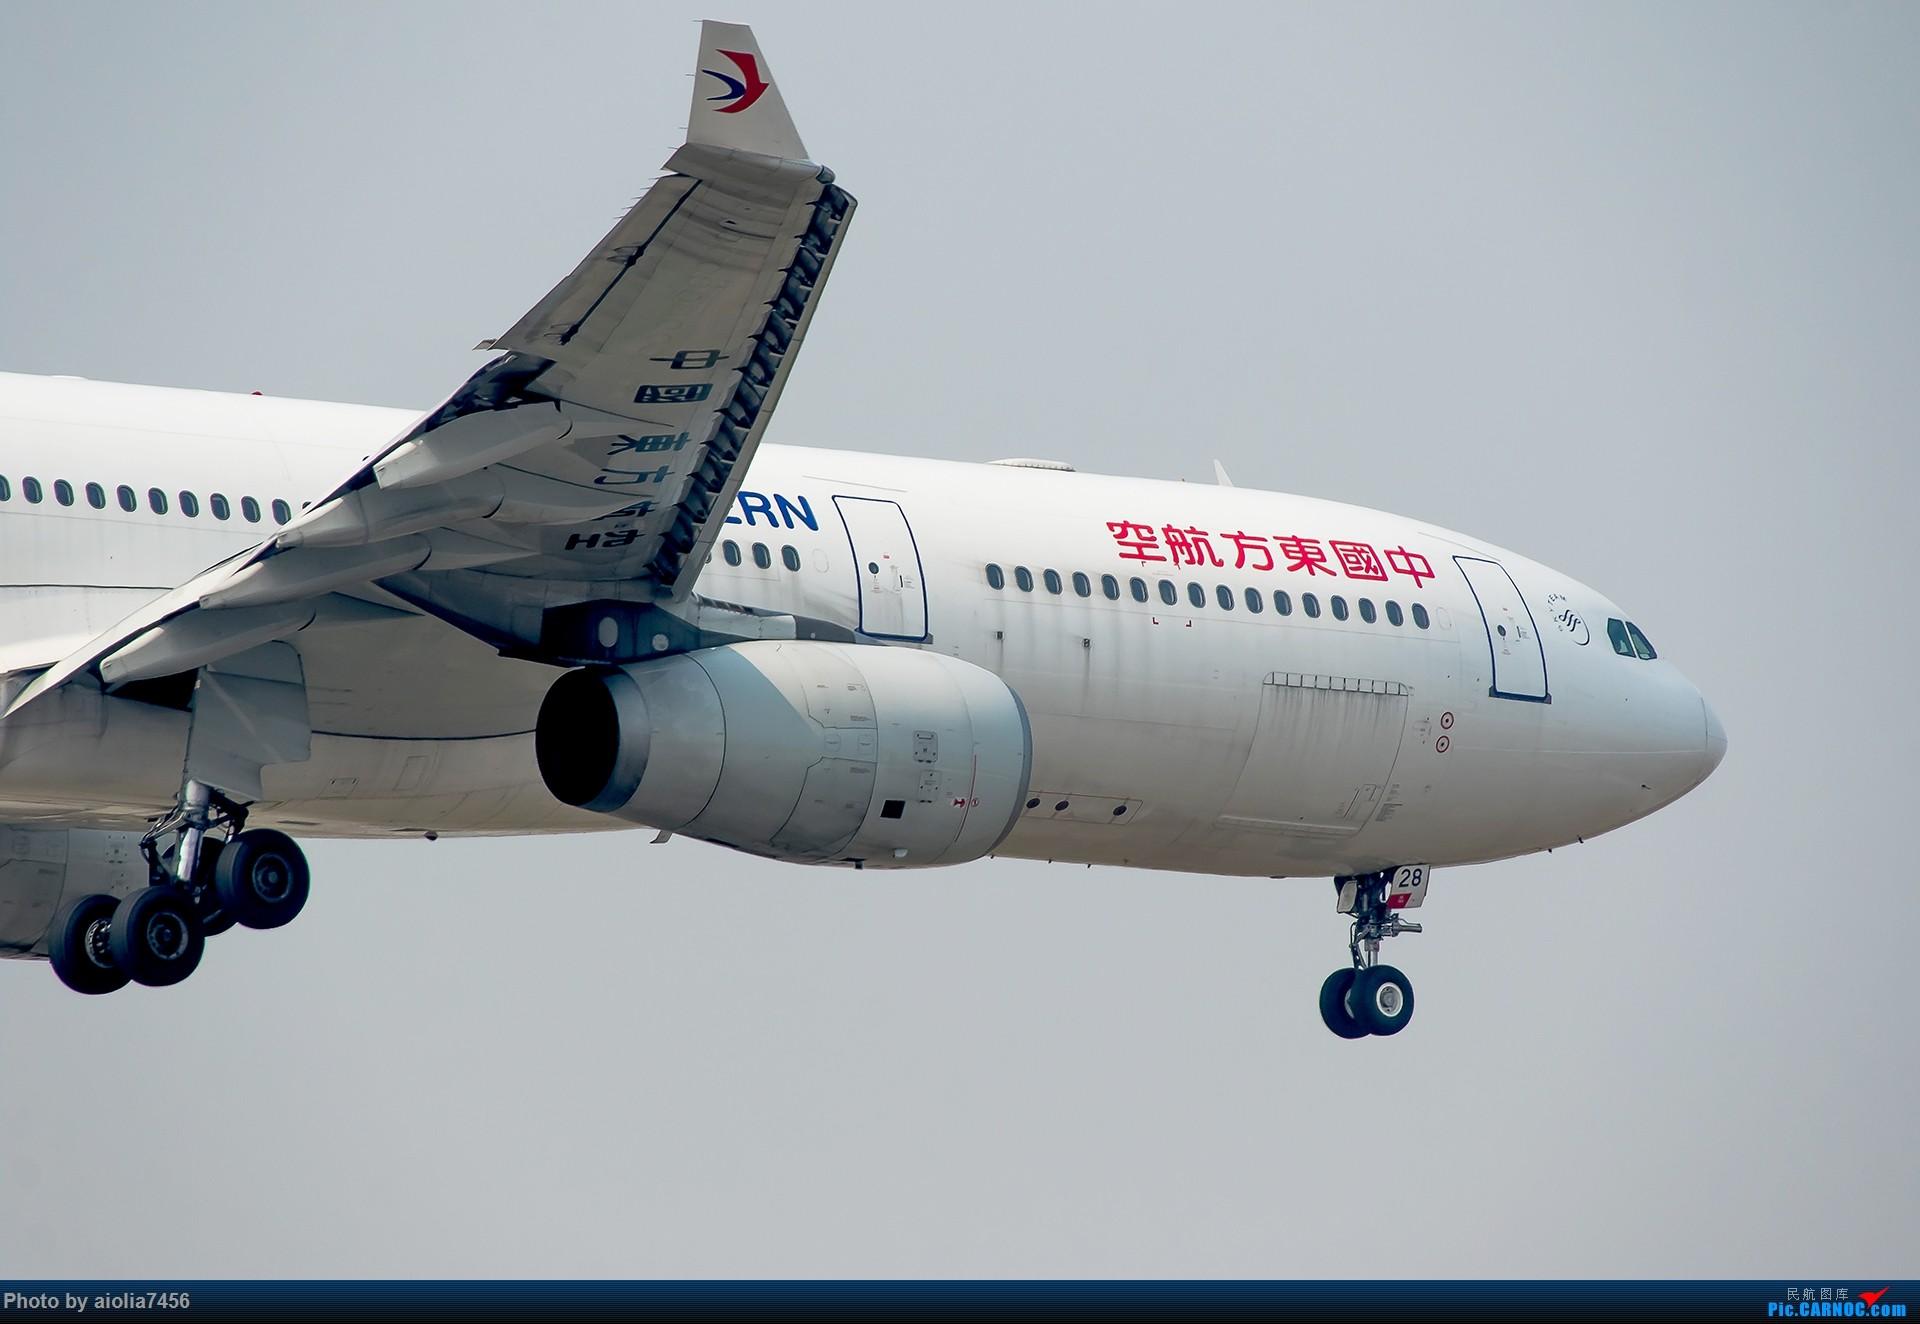 Re:[原创][霸都打机队]摸摸怀中的7D2,好宝宝,跟了新的主人你要乖乖听话哦,离开我之前,我带你逛一圈ZSSS,最后一次陪我看看那些我们不怎么看得到的宽体吧。 AIRBUS A330-300 B-6128 中国上海虹桥国际机场